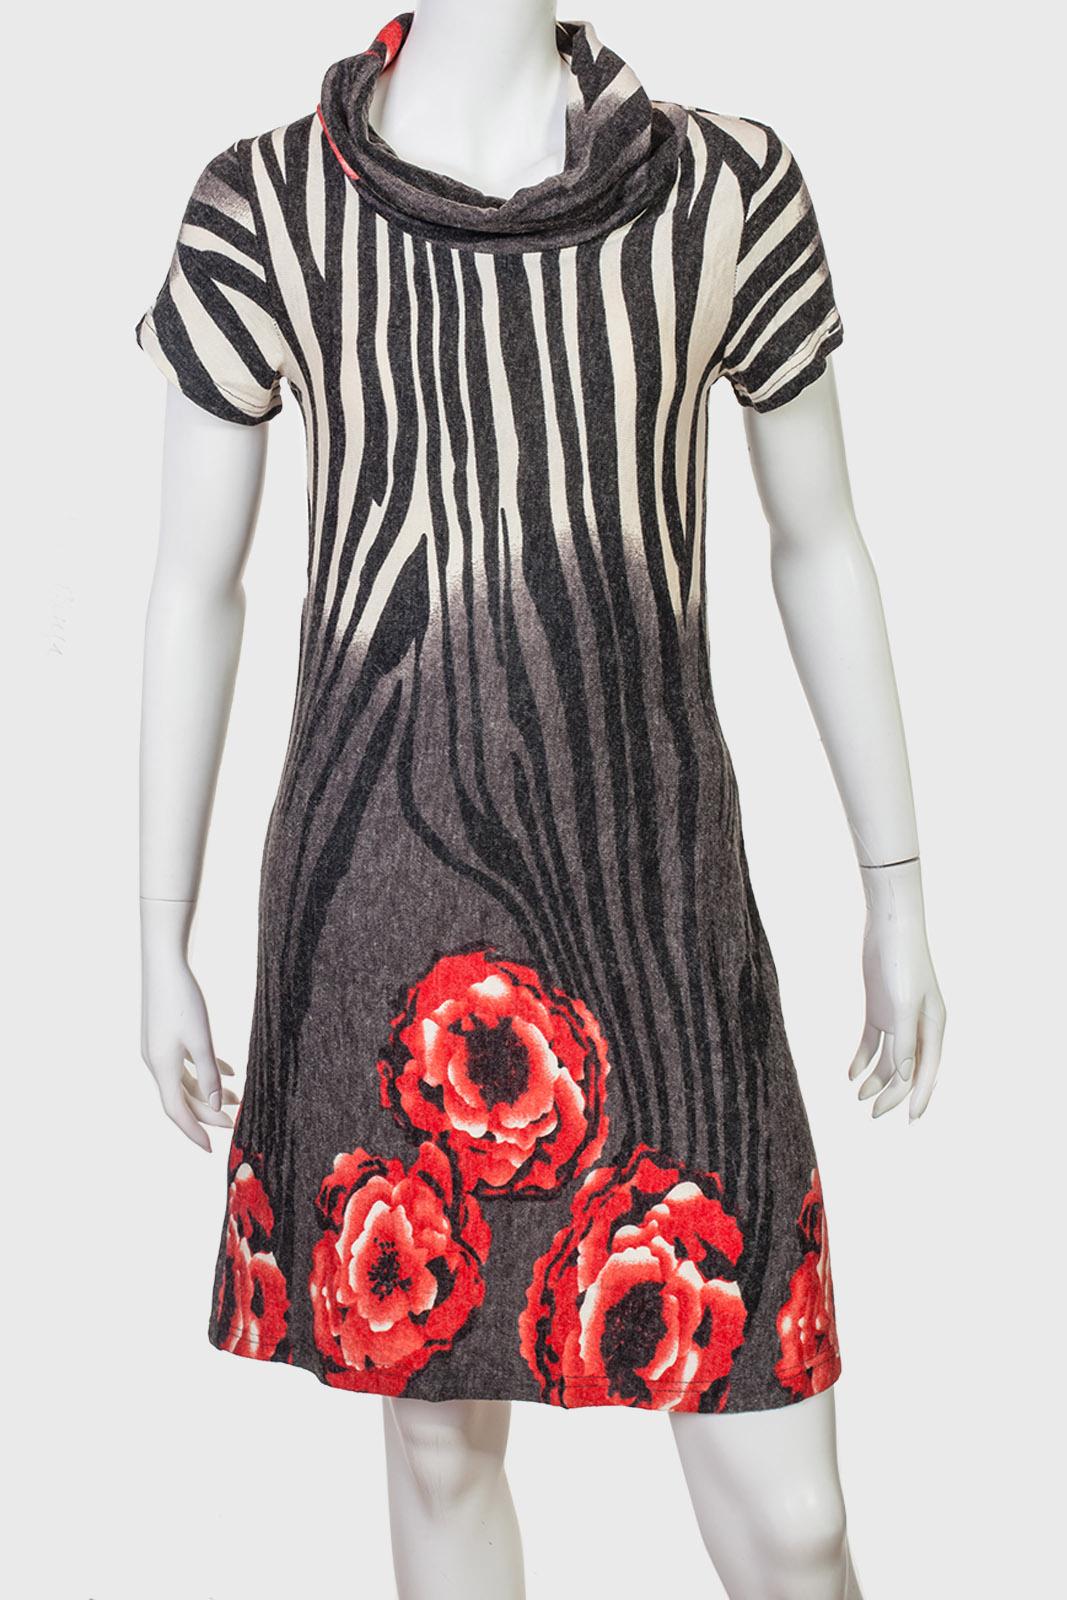 Полосатое платье с пионовидными розами.